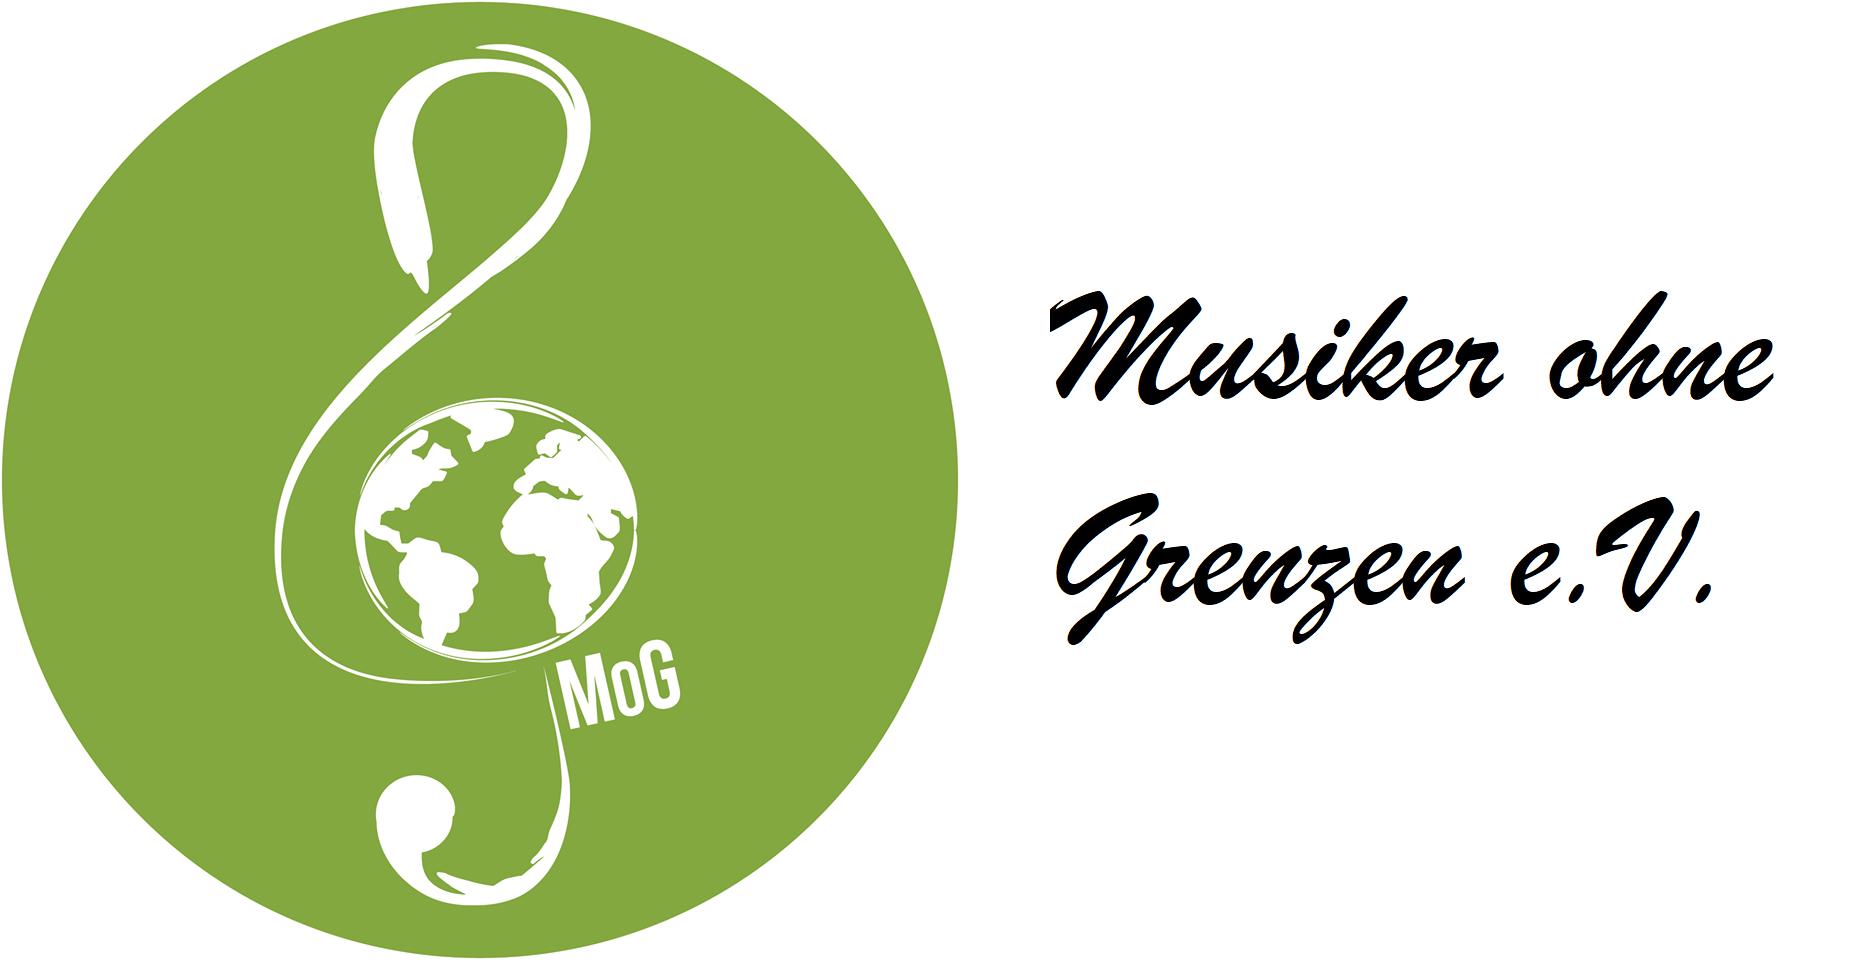 Musiker ohne Grenzen